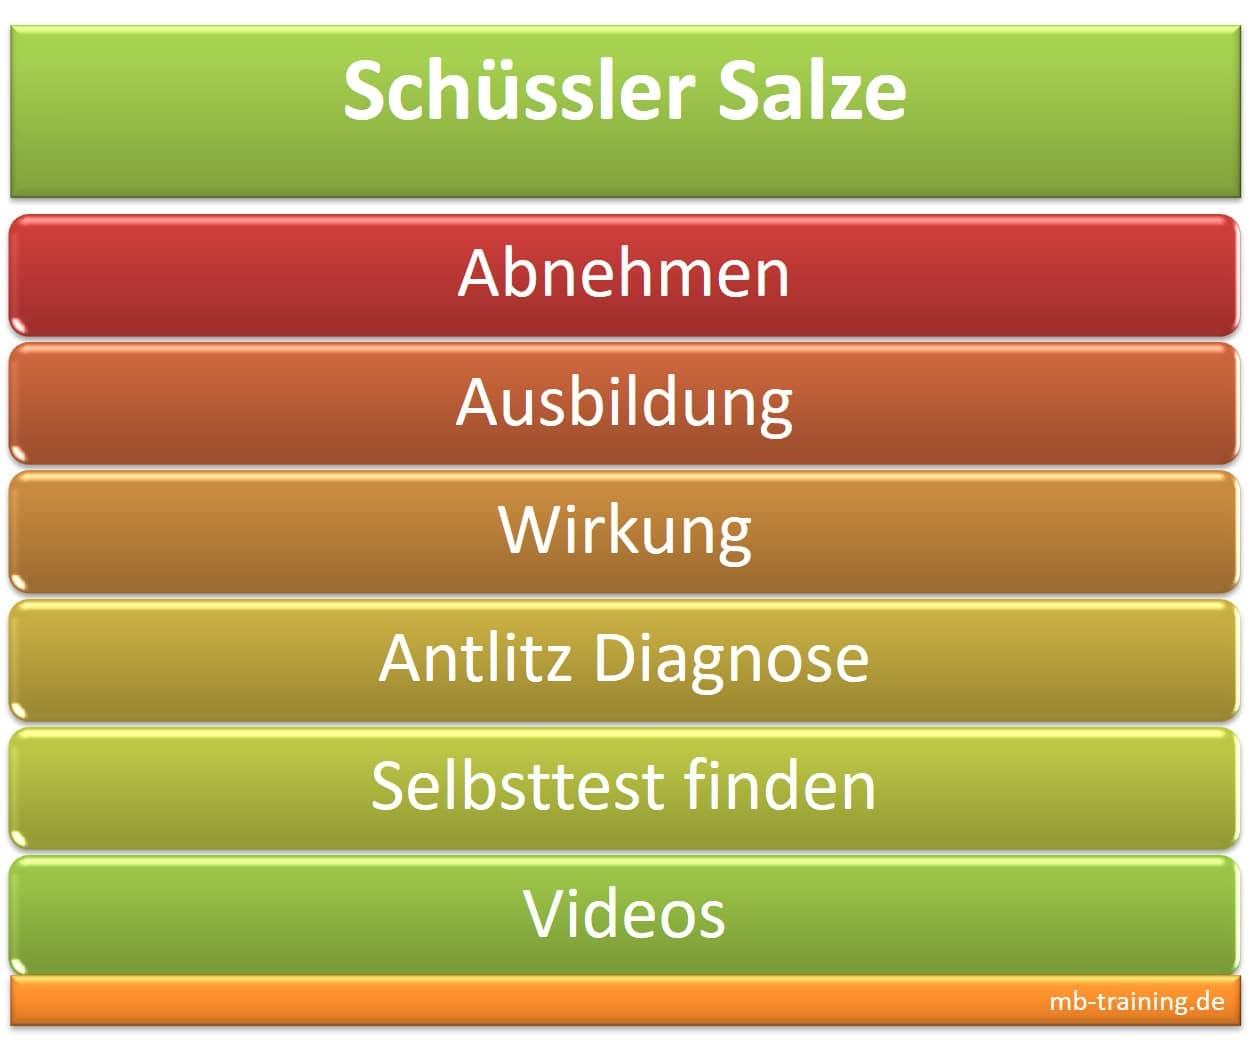 Schüssler Salze Info zum Abnehmen, der Ausbildung, der Wirkung, zur Antlitz Diagnose und Selbsttest, Grundsalze u. Ergänzungsmittel sowie Videos.